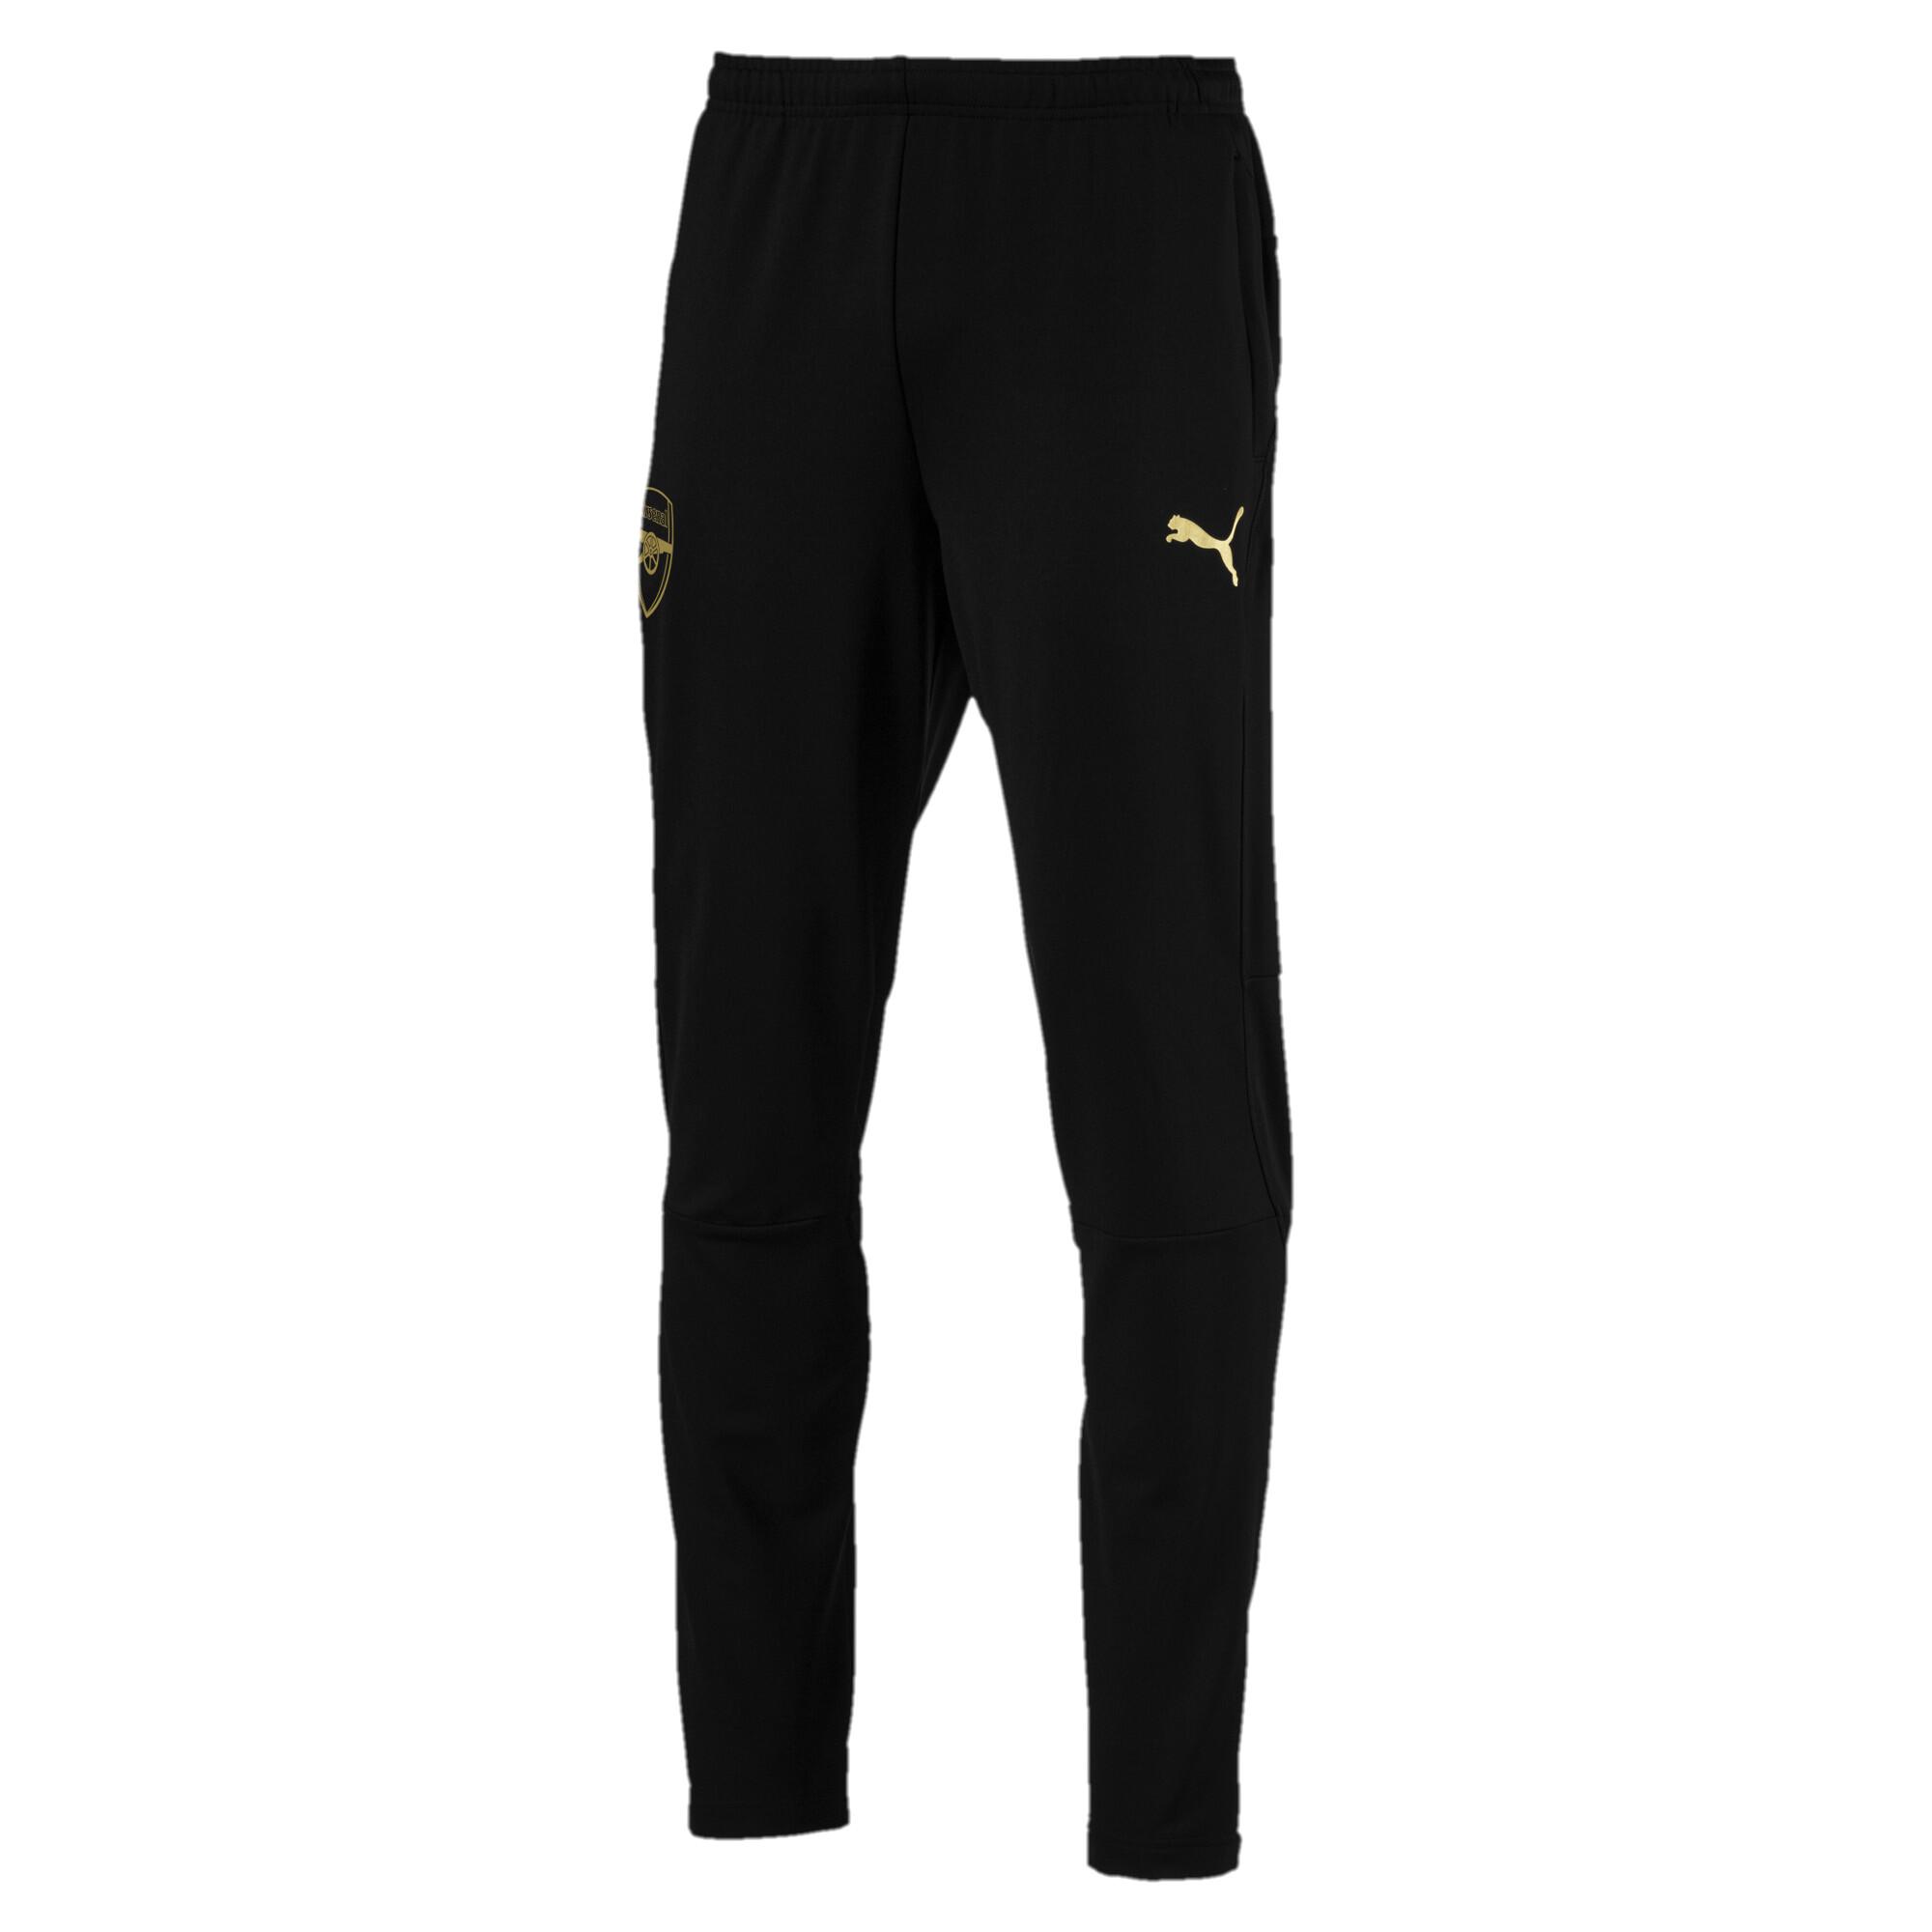 Pantalones de entrenamiento Arsenal FC